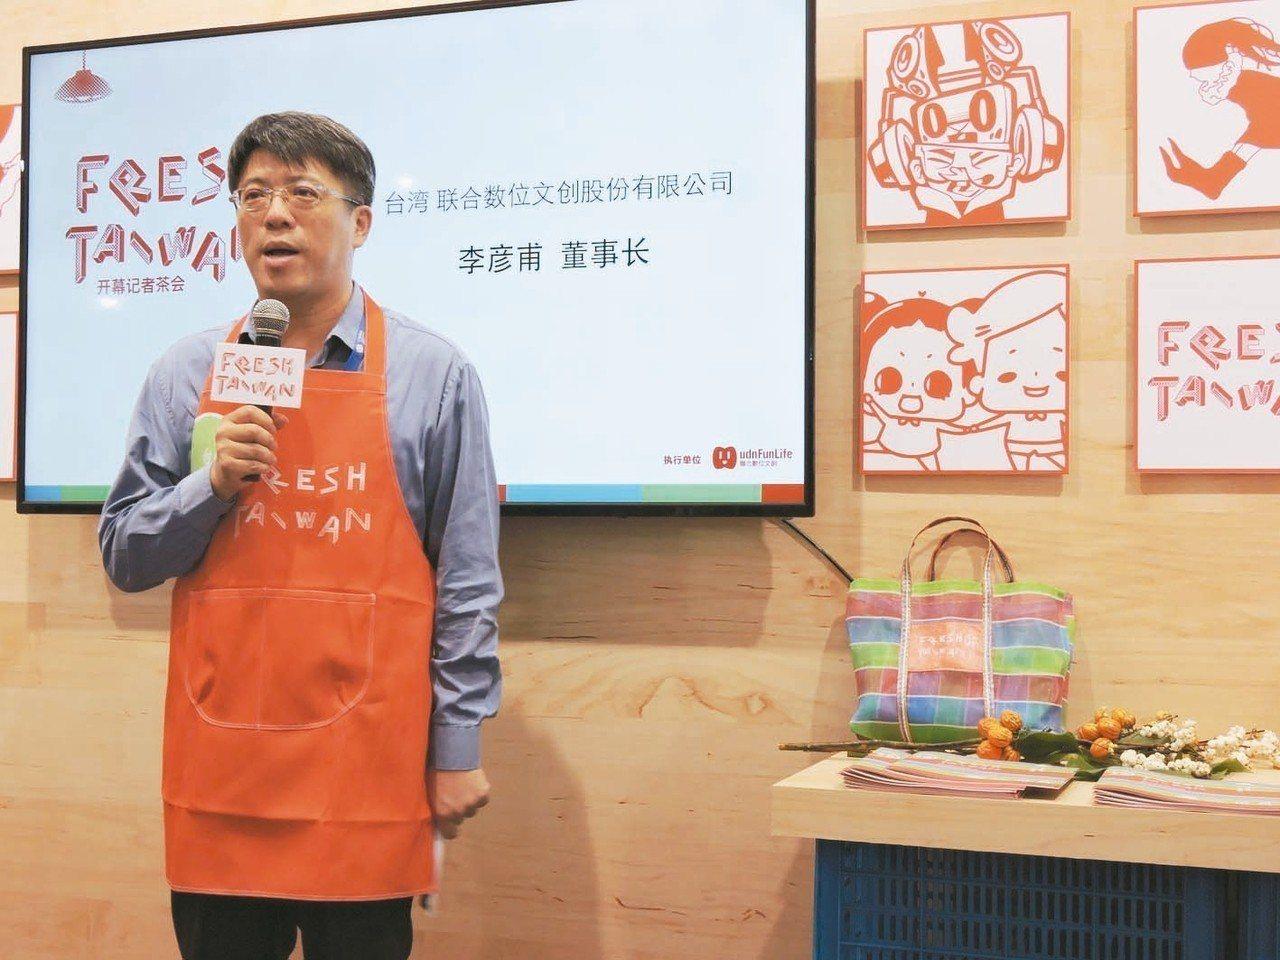 聯合數位文創董事長李彥甫 記者戴瑞芬/攝影